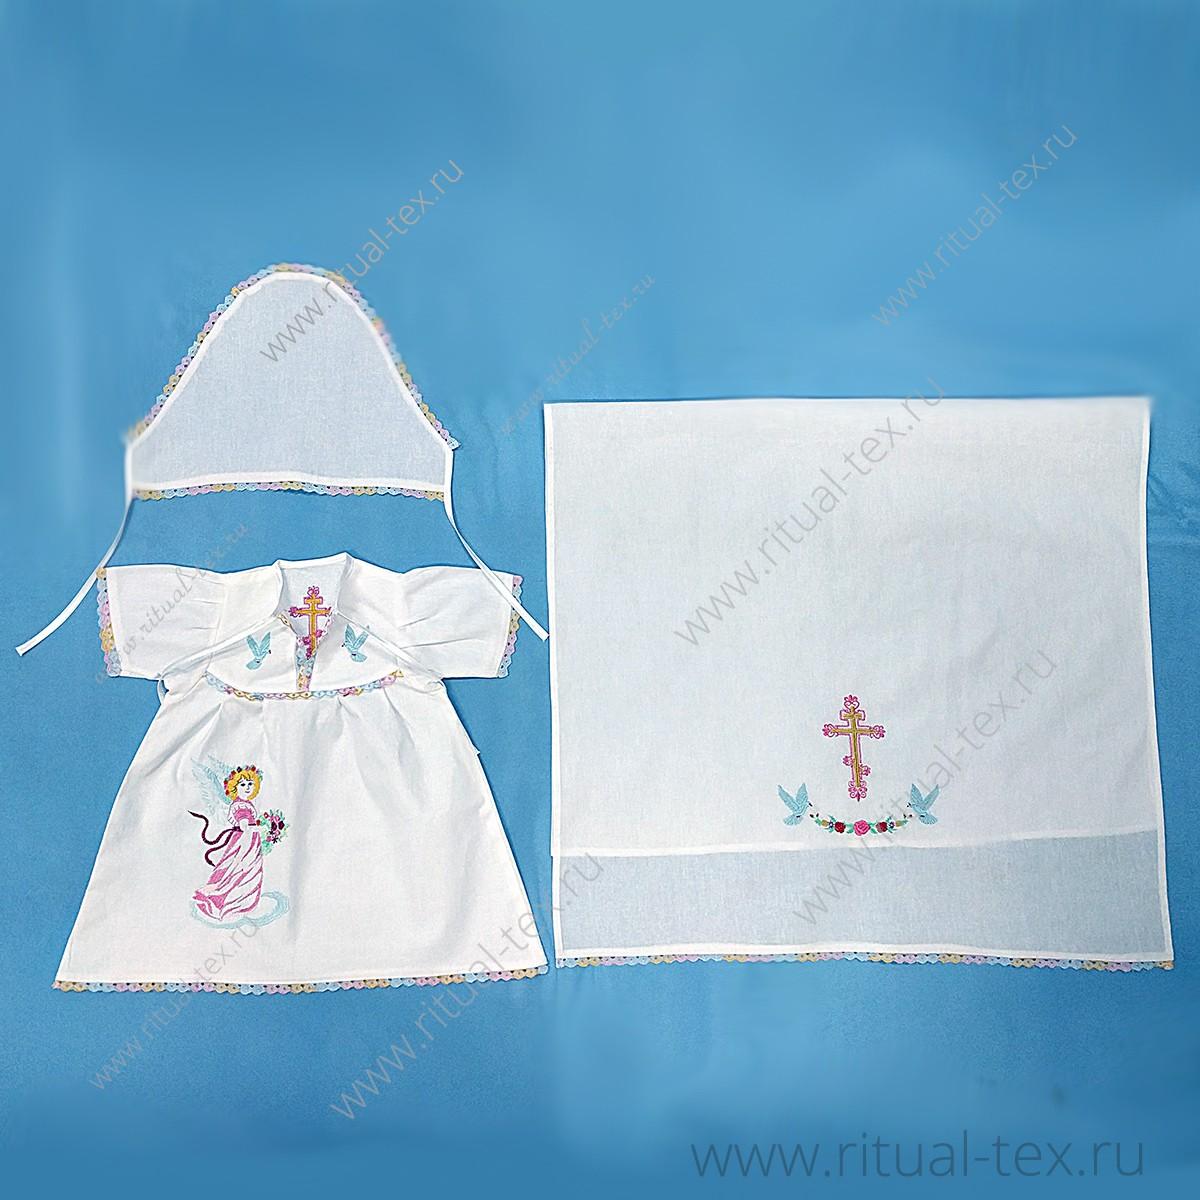 Полотенце для крещения своими руками 90